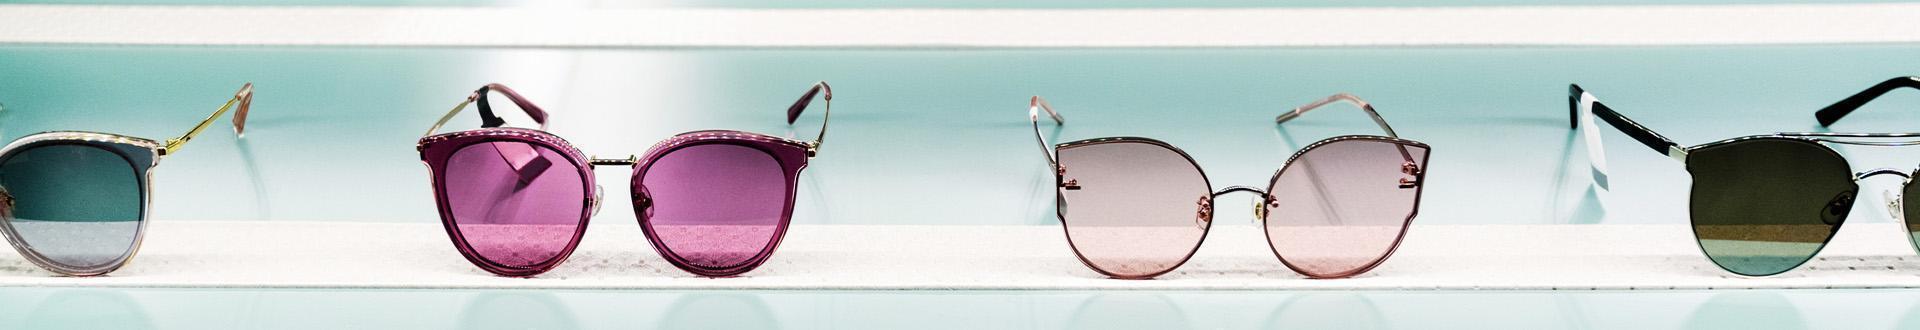 dwie pary okularów przeciwsłonecznych